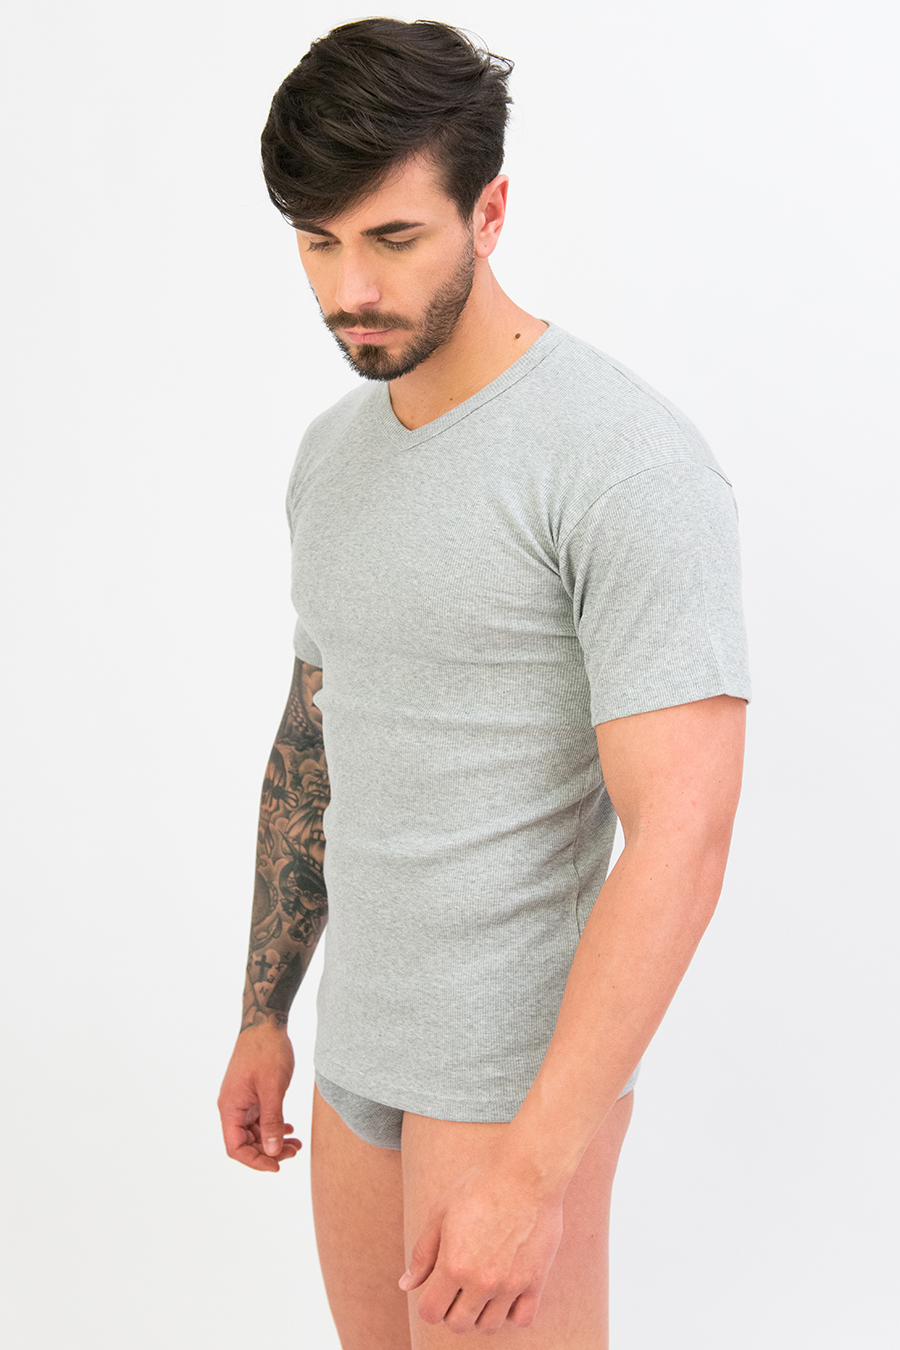 T-shirt in puro cotone a costine 9206